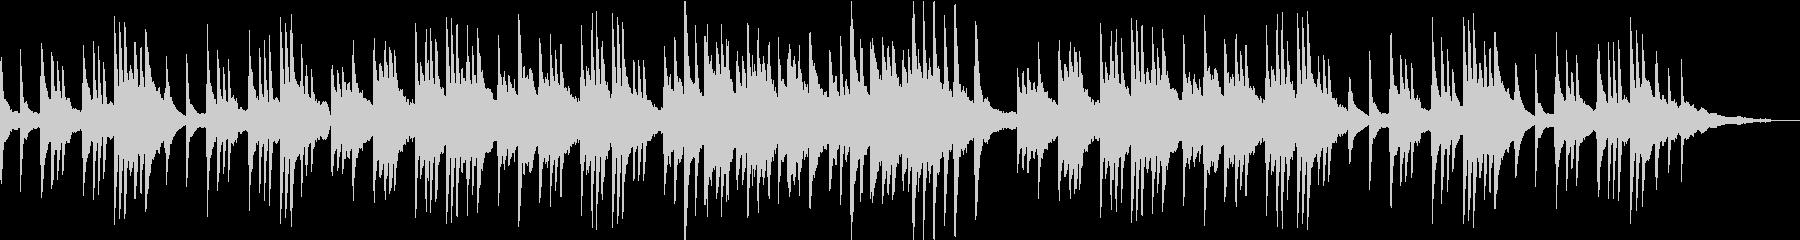 「ほたるこい」しっとり切ないピアノソロの未再生の波形